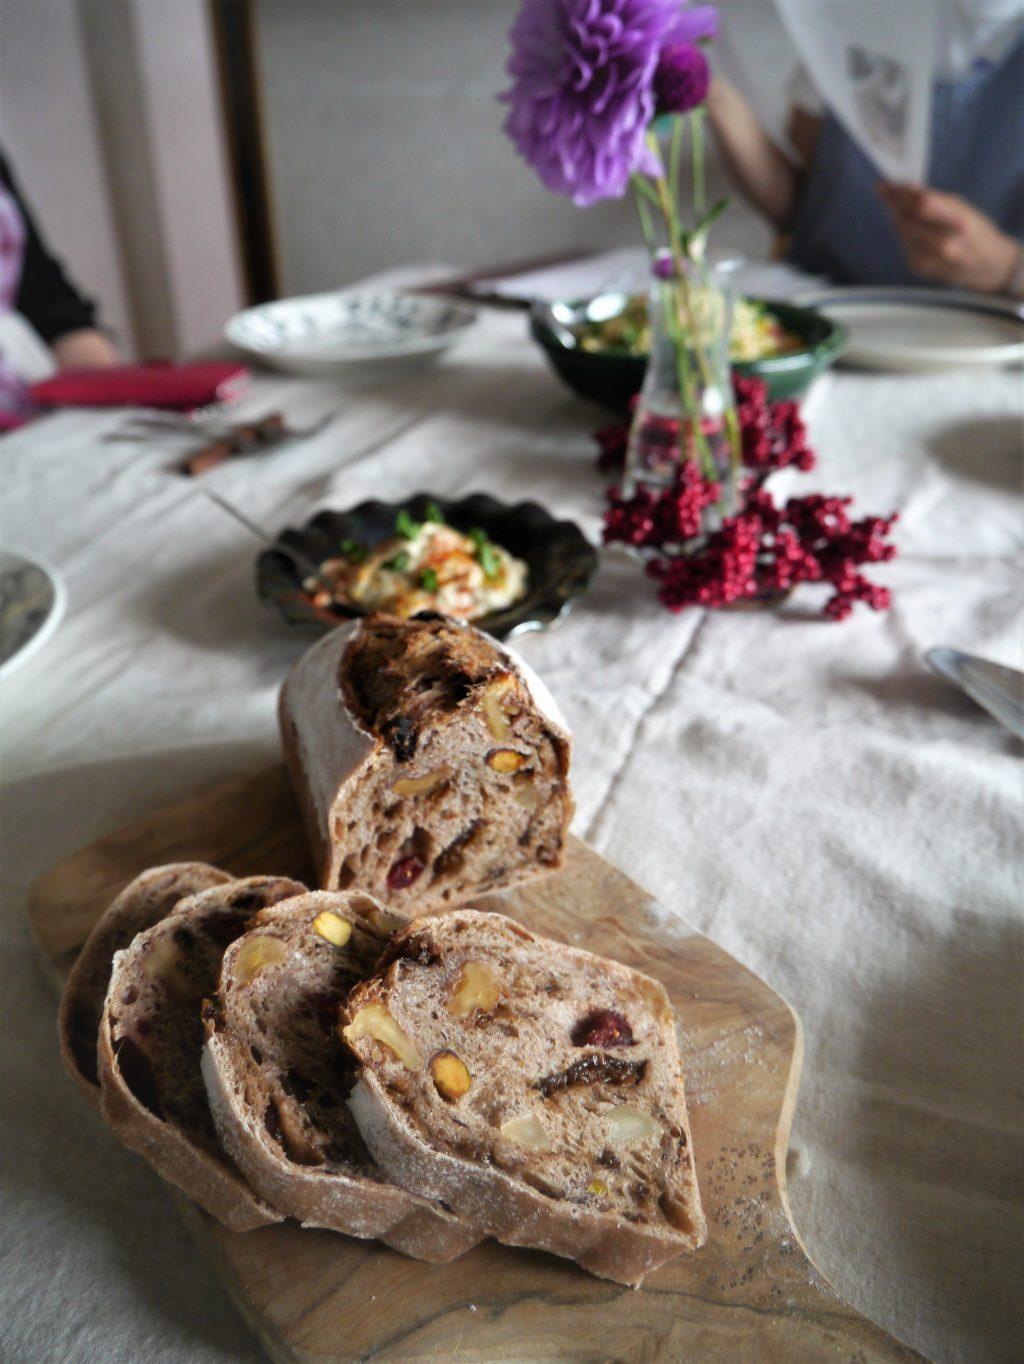 フランスパン教室「crumb-クラム」の本格的なパンが作れるレッスン